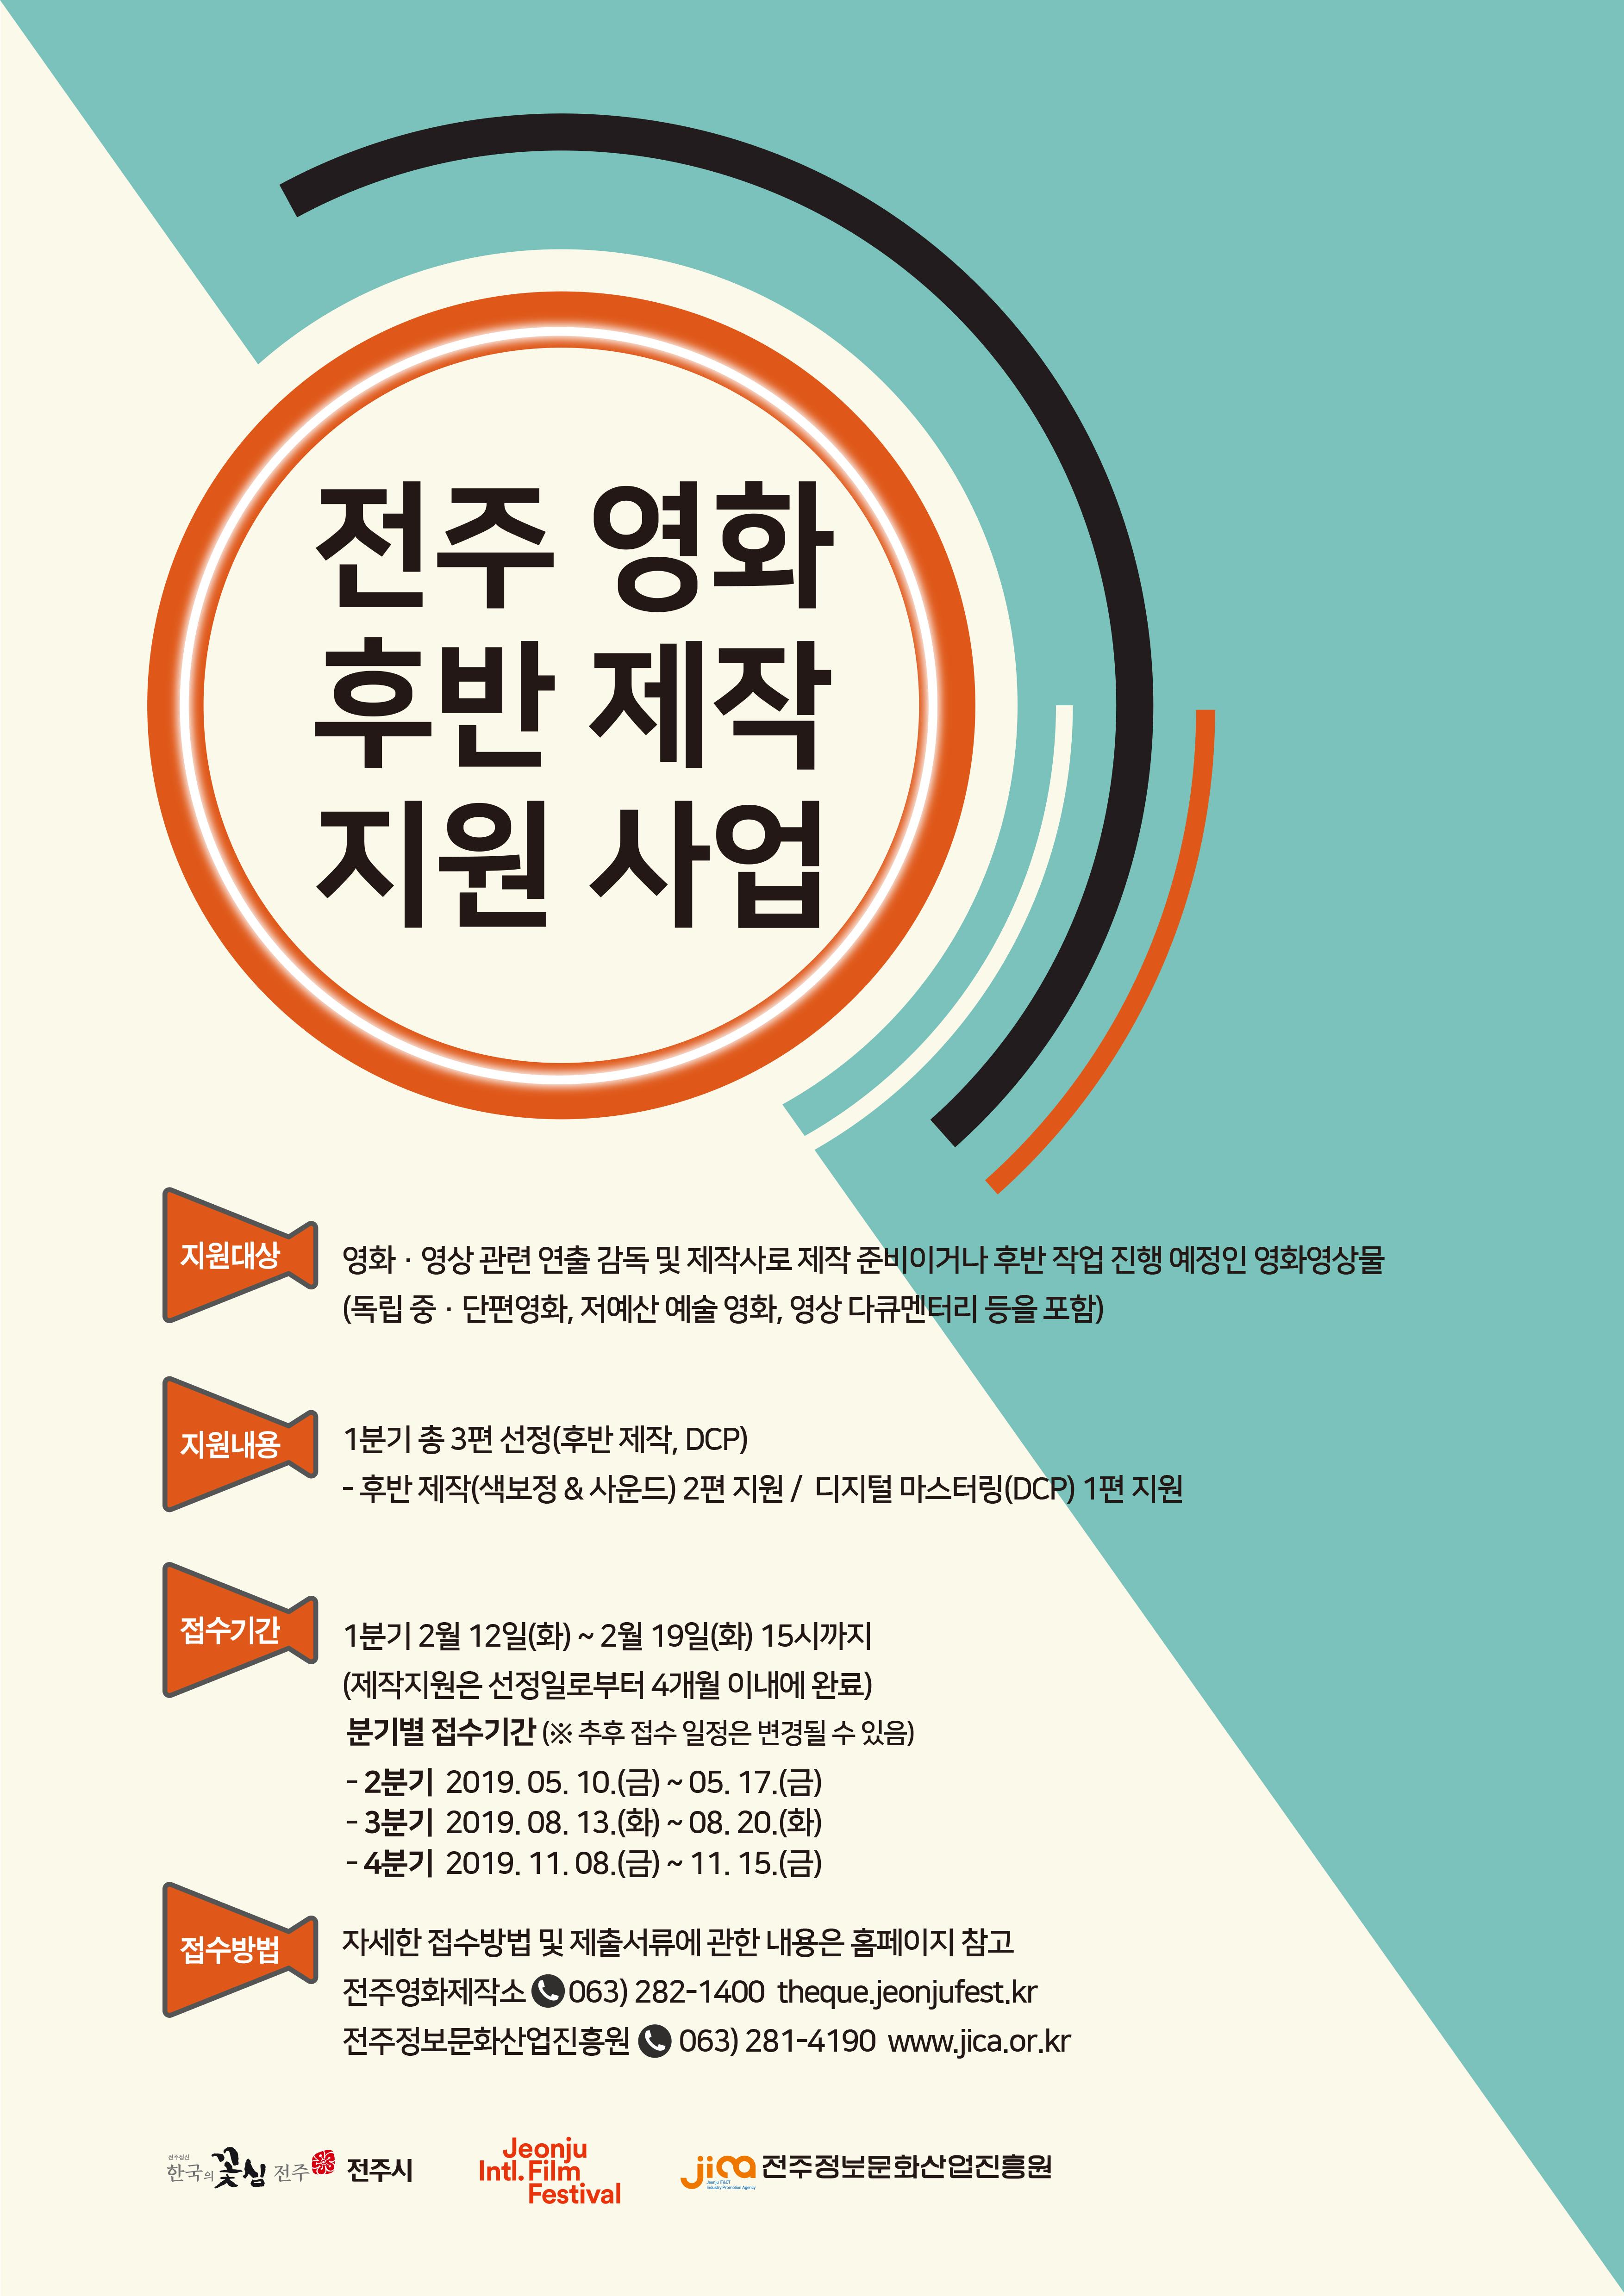 전주영화제작소_후반제작지원사업웹포스터-최종.jpg